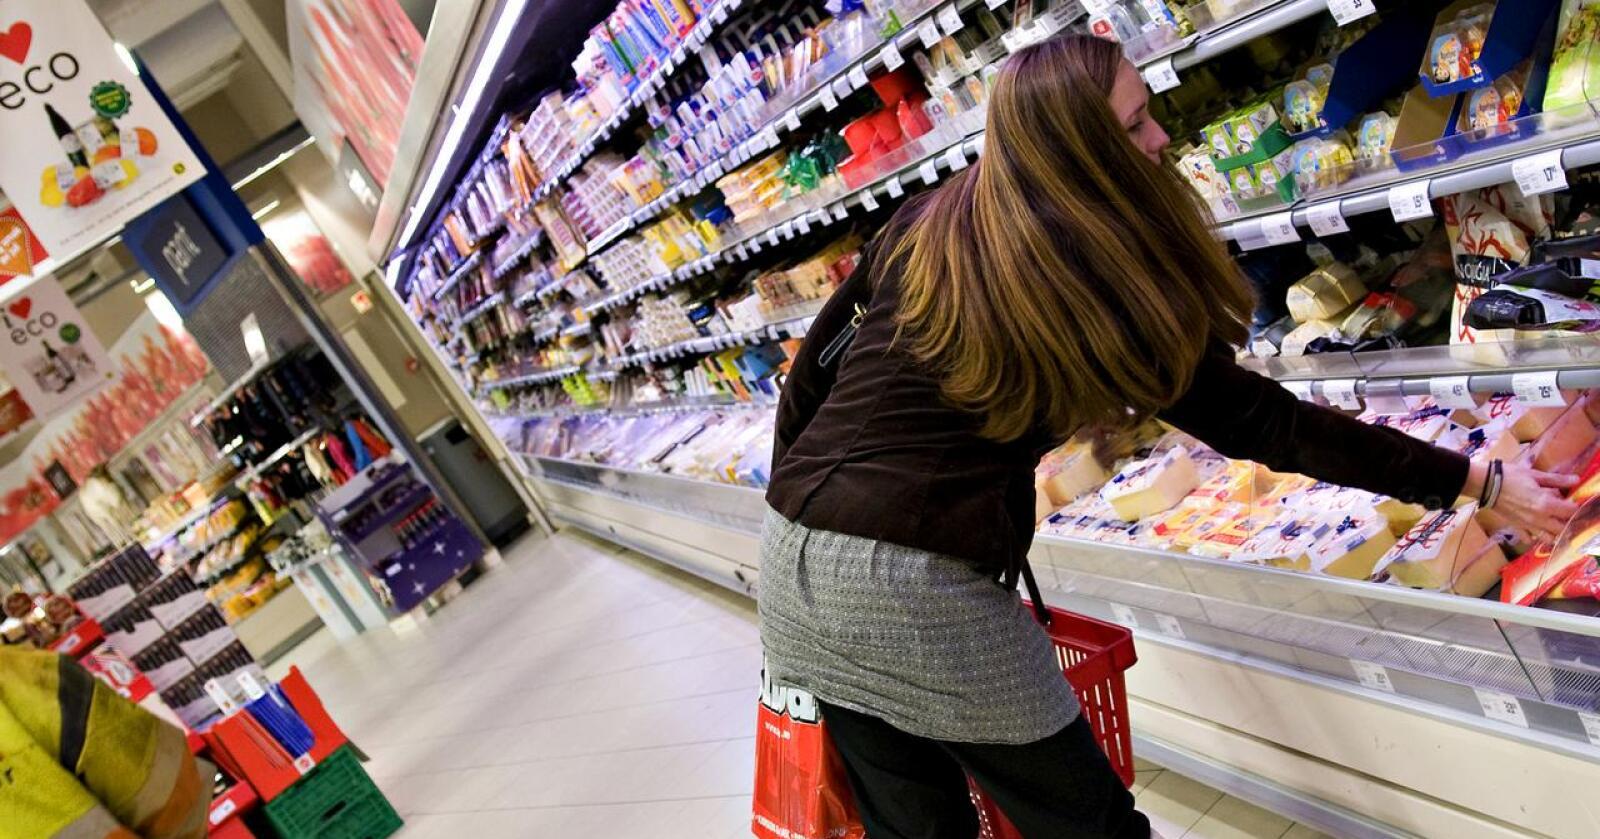 Ost: I butikkenes ostedisker har Tine i snitt 40 prosent av plassen. Synnøve Finden, sammen med dyktige lokalprodusenter og importert ost, har resten, skriver Ole Martin Buene. (Foto: Tine)